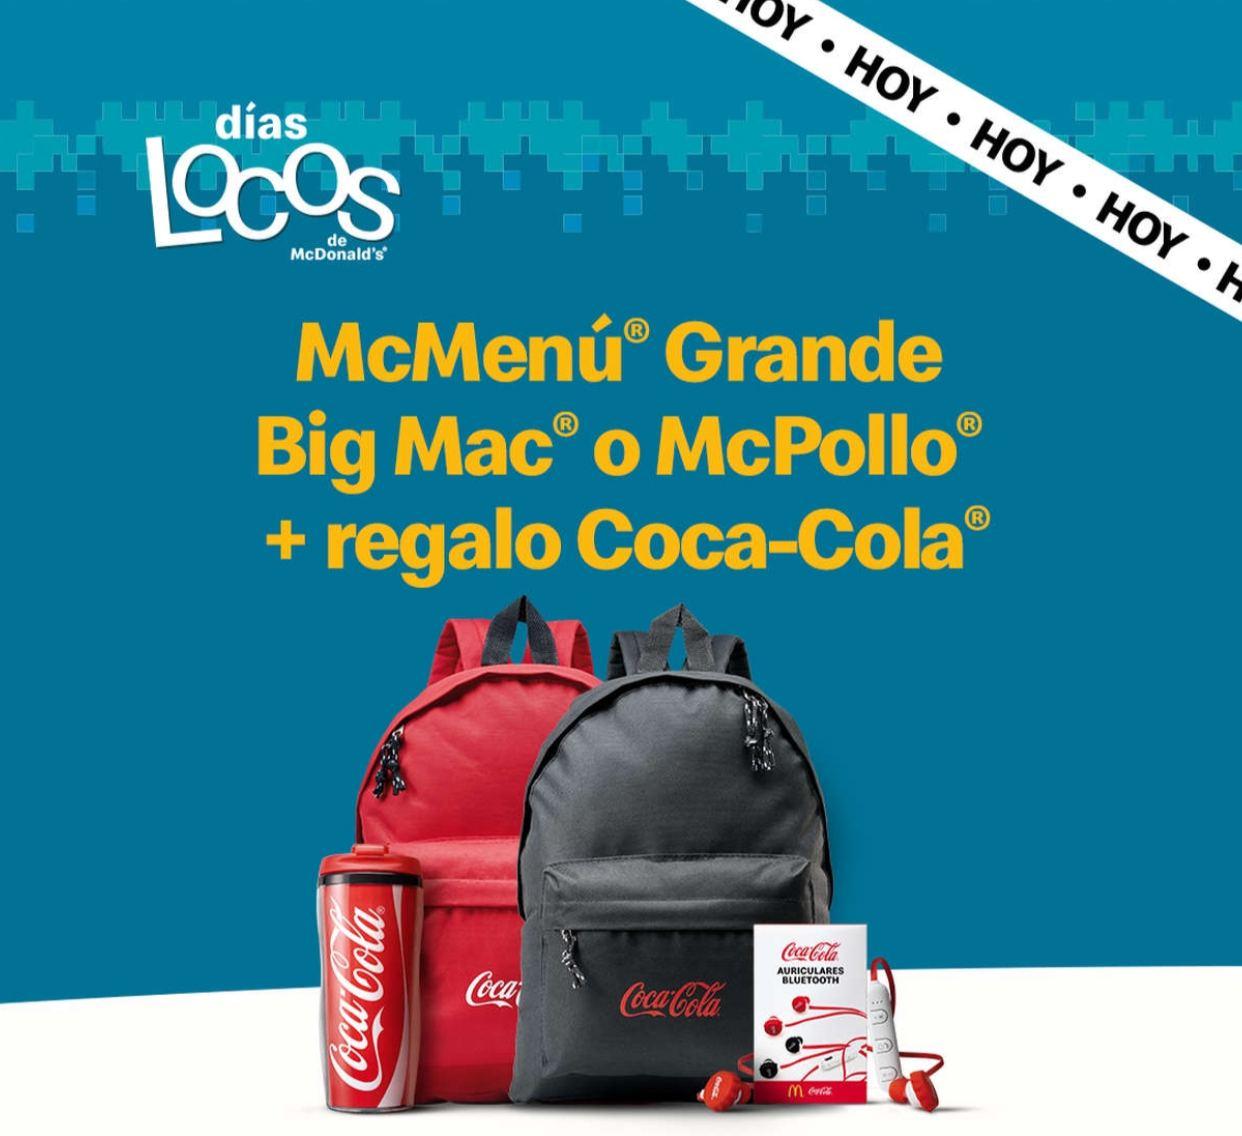 McMenú Grande Big Mac o McPollo + regalo Coca-Cola (Días Locos)